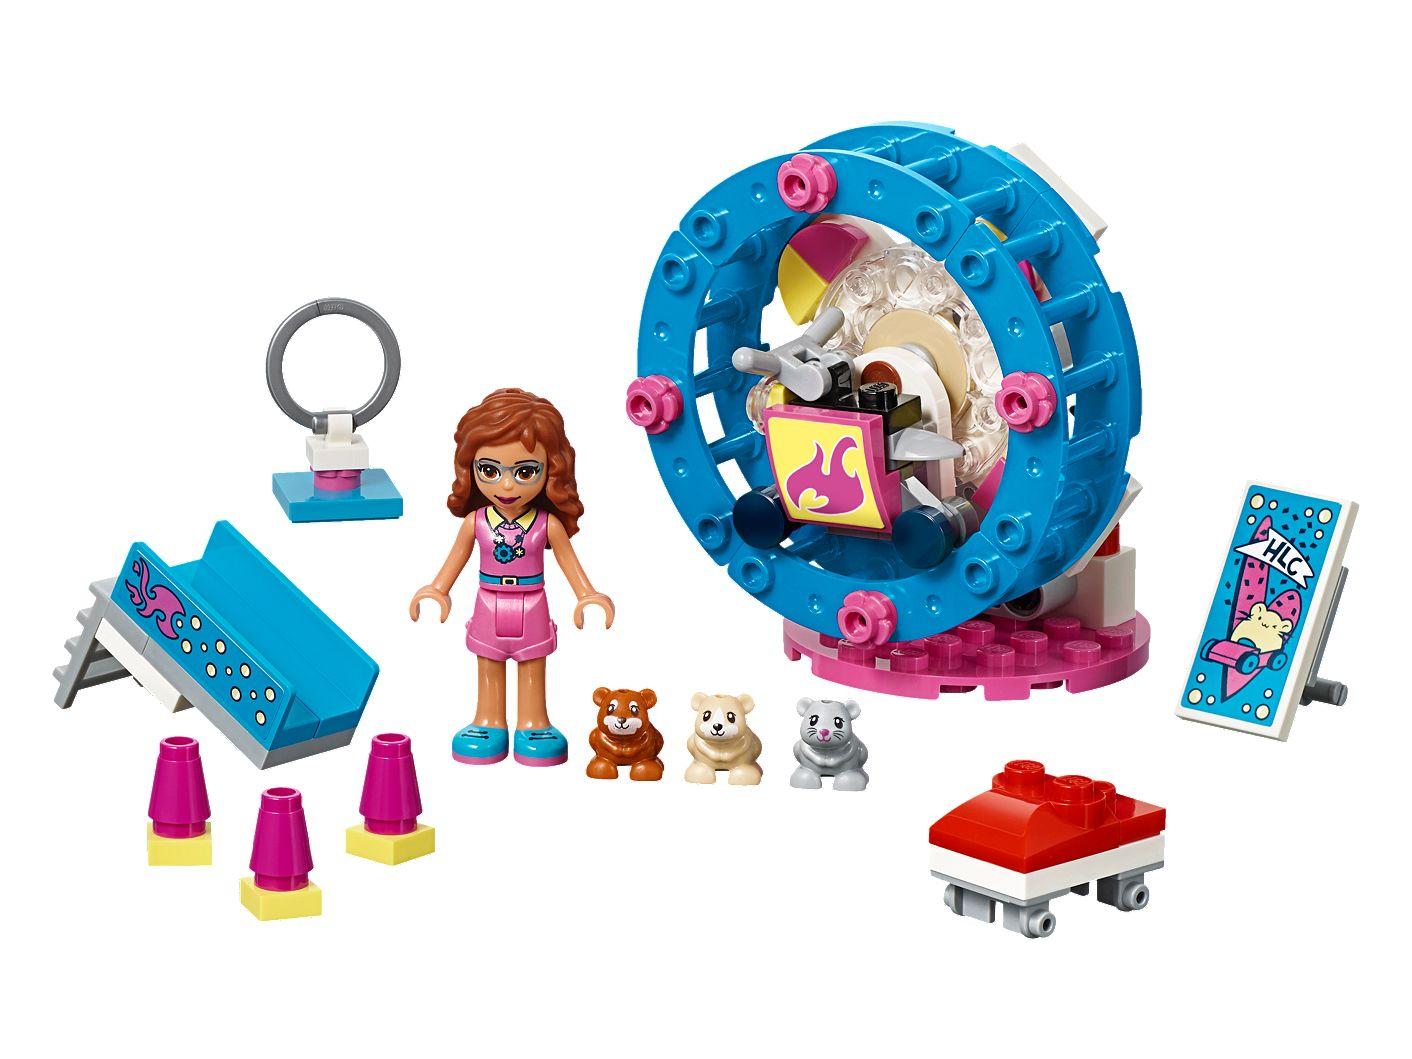 Wspaniały Plac zabaw dla chomików Olivii - 41383 | Friends | LEGO Shop PY83